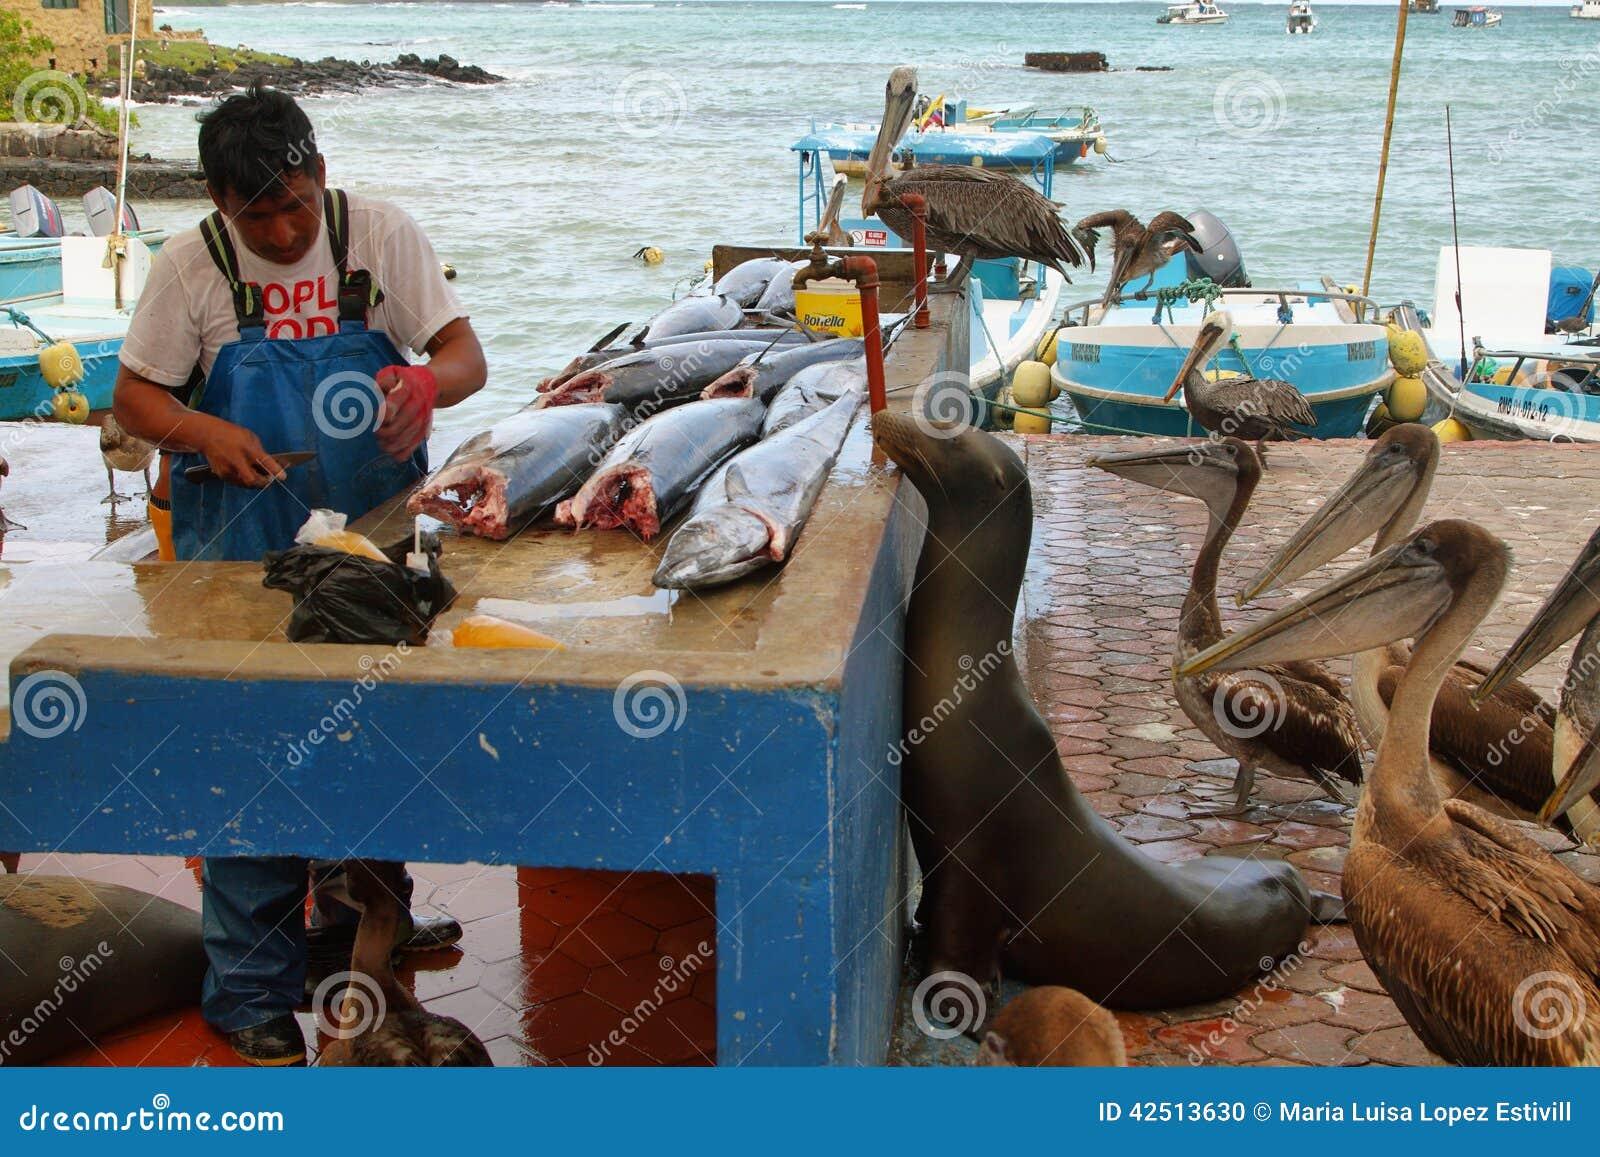 Fishermen dock in puerto ayora santa cruz editorial image for Fishing in ecuador